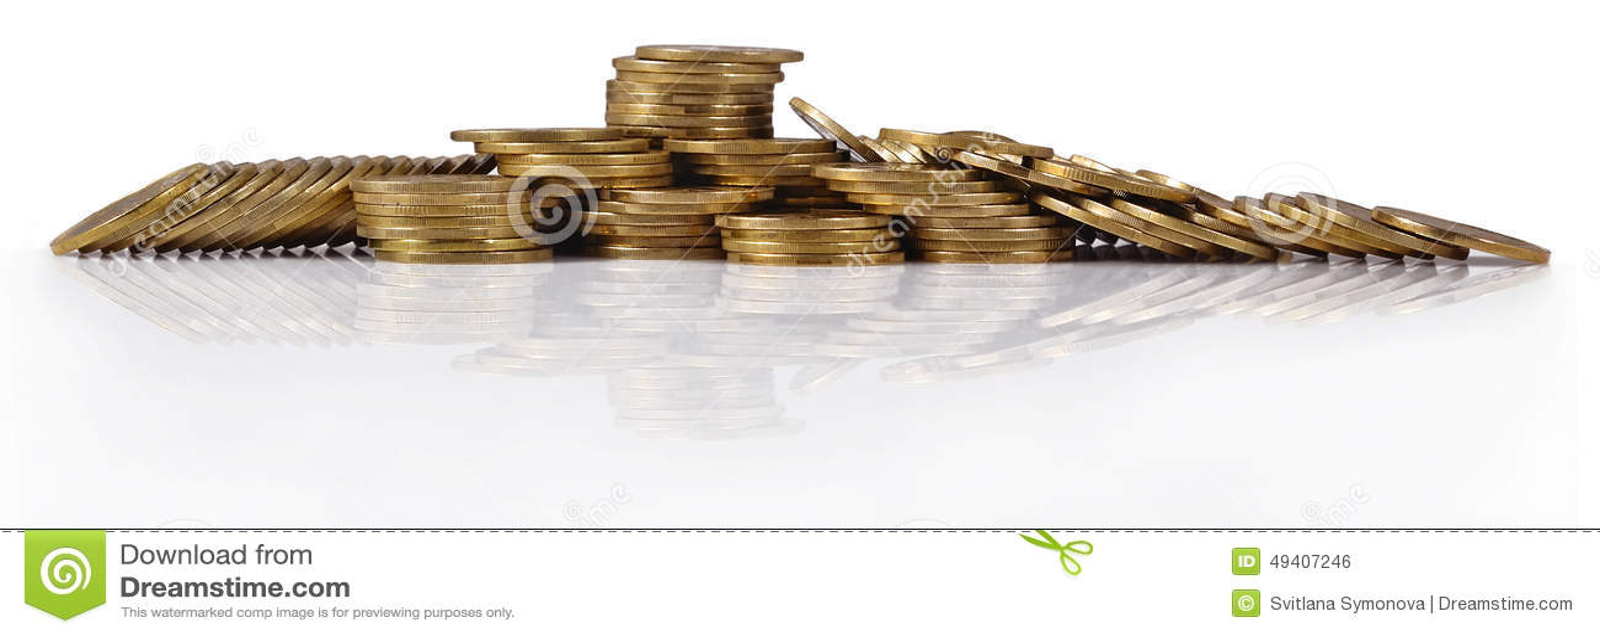 Download Stapel Von Goldmünzen Auf Einem Weiß Stockfoto - Bild von gefärbt, steigen: 49407246